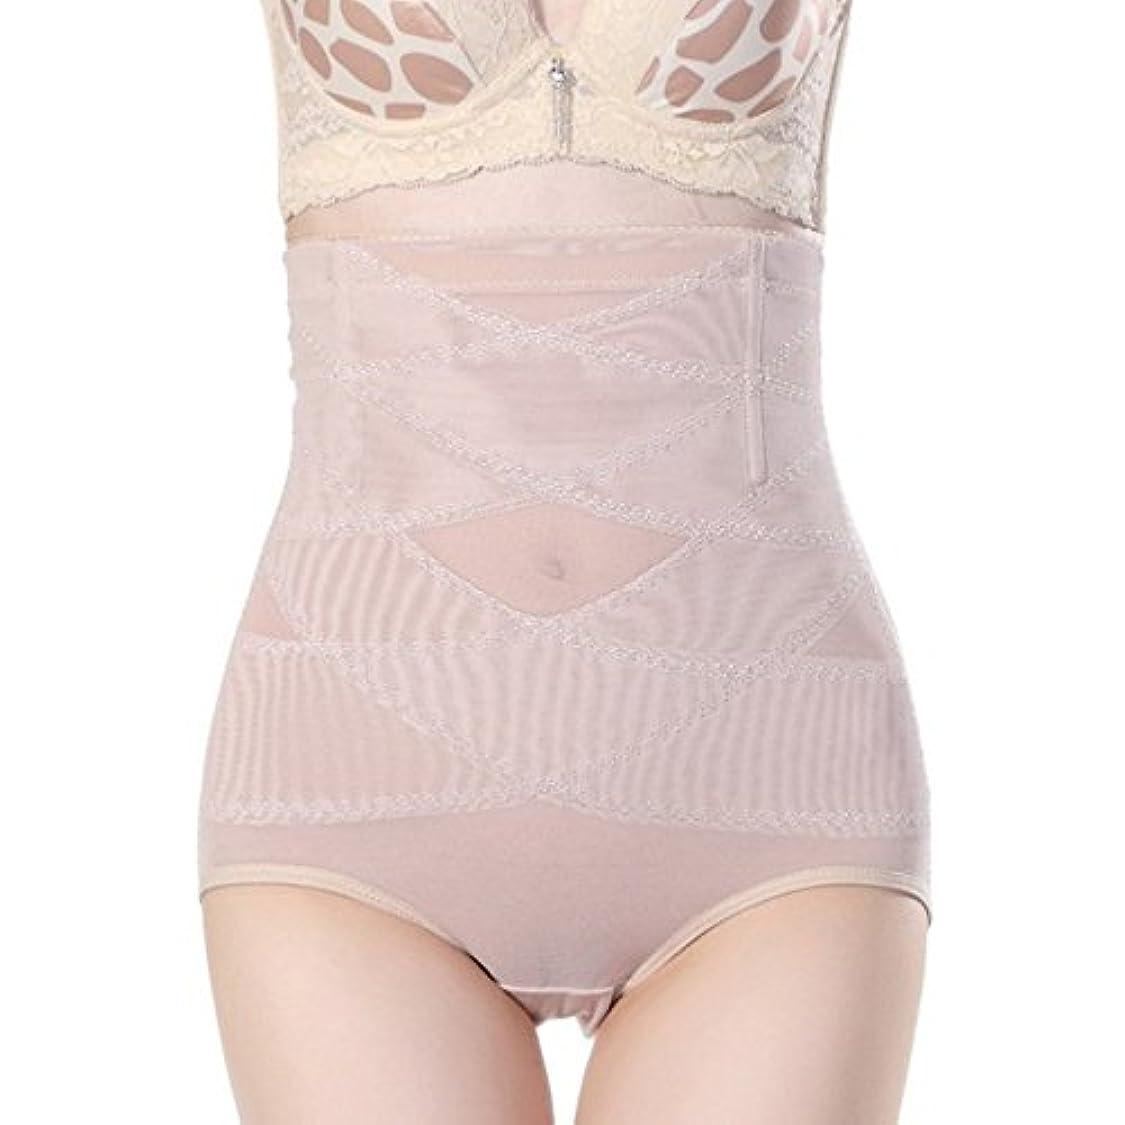 子孫サイズ奴隷腹部制御下着シームレスおなかコントロールパンティーバットリフターボディシェイパーを痩身通気性のハイウエストの女性 - 肌色3 XL